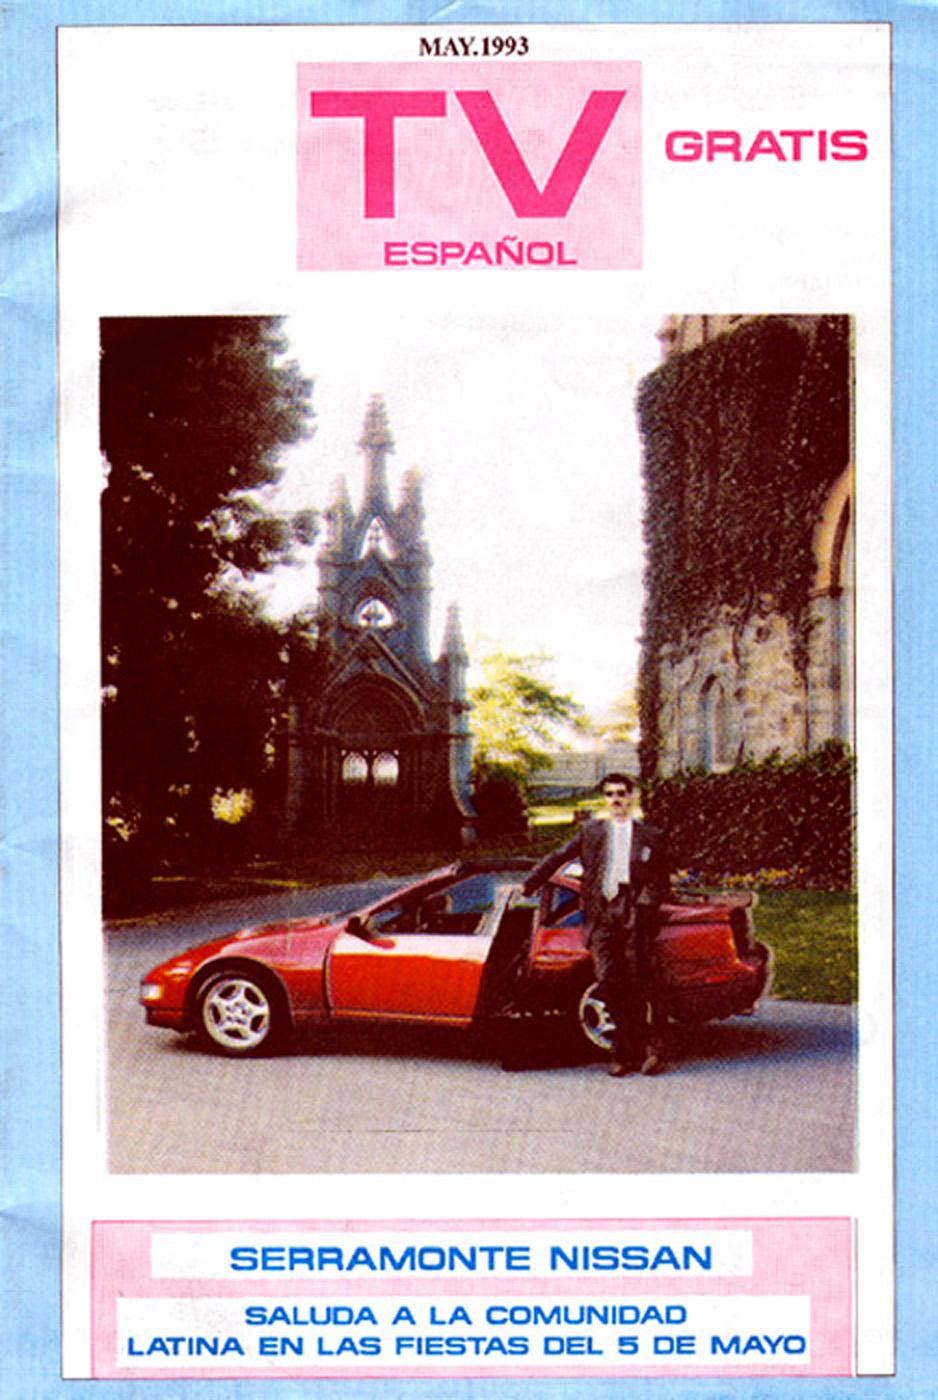 Primer edicion - Mayo 1993